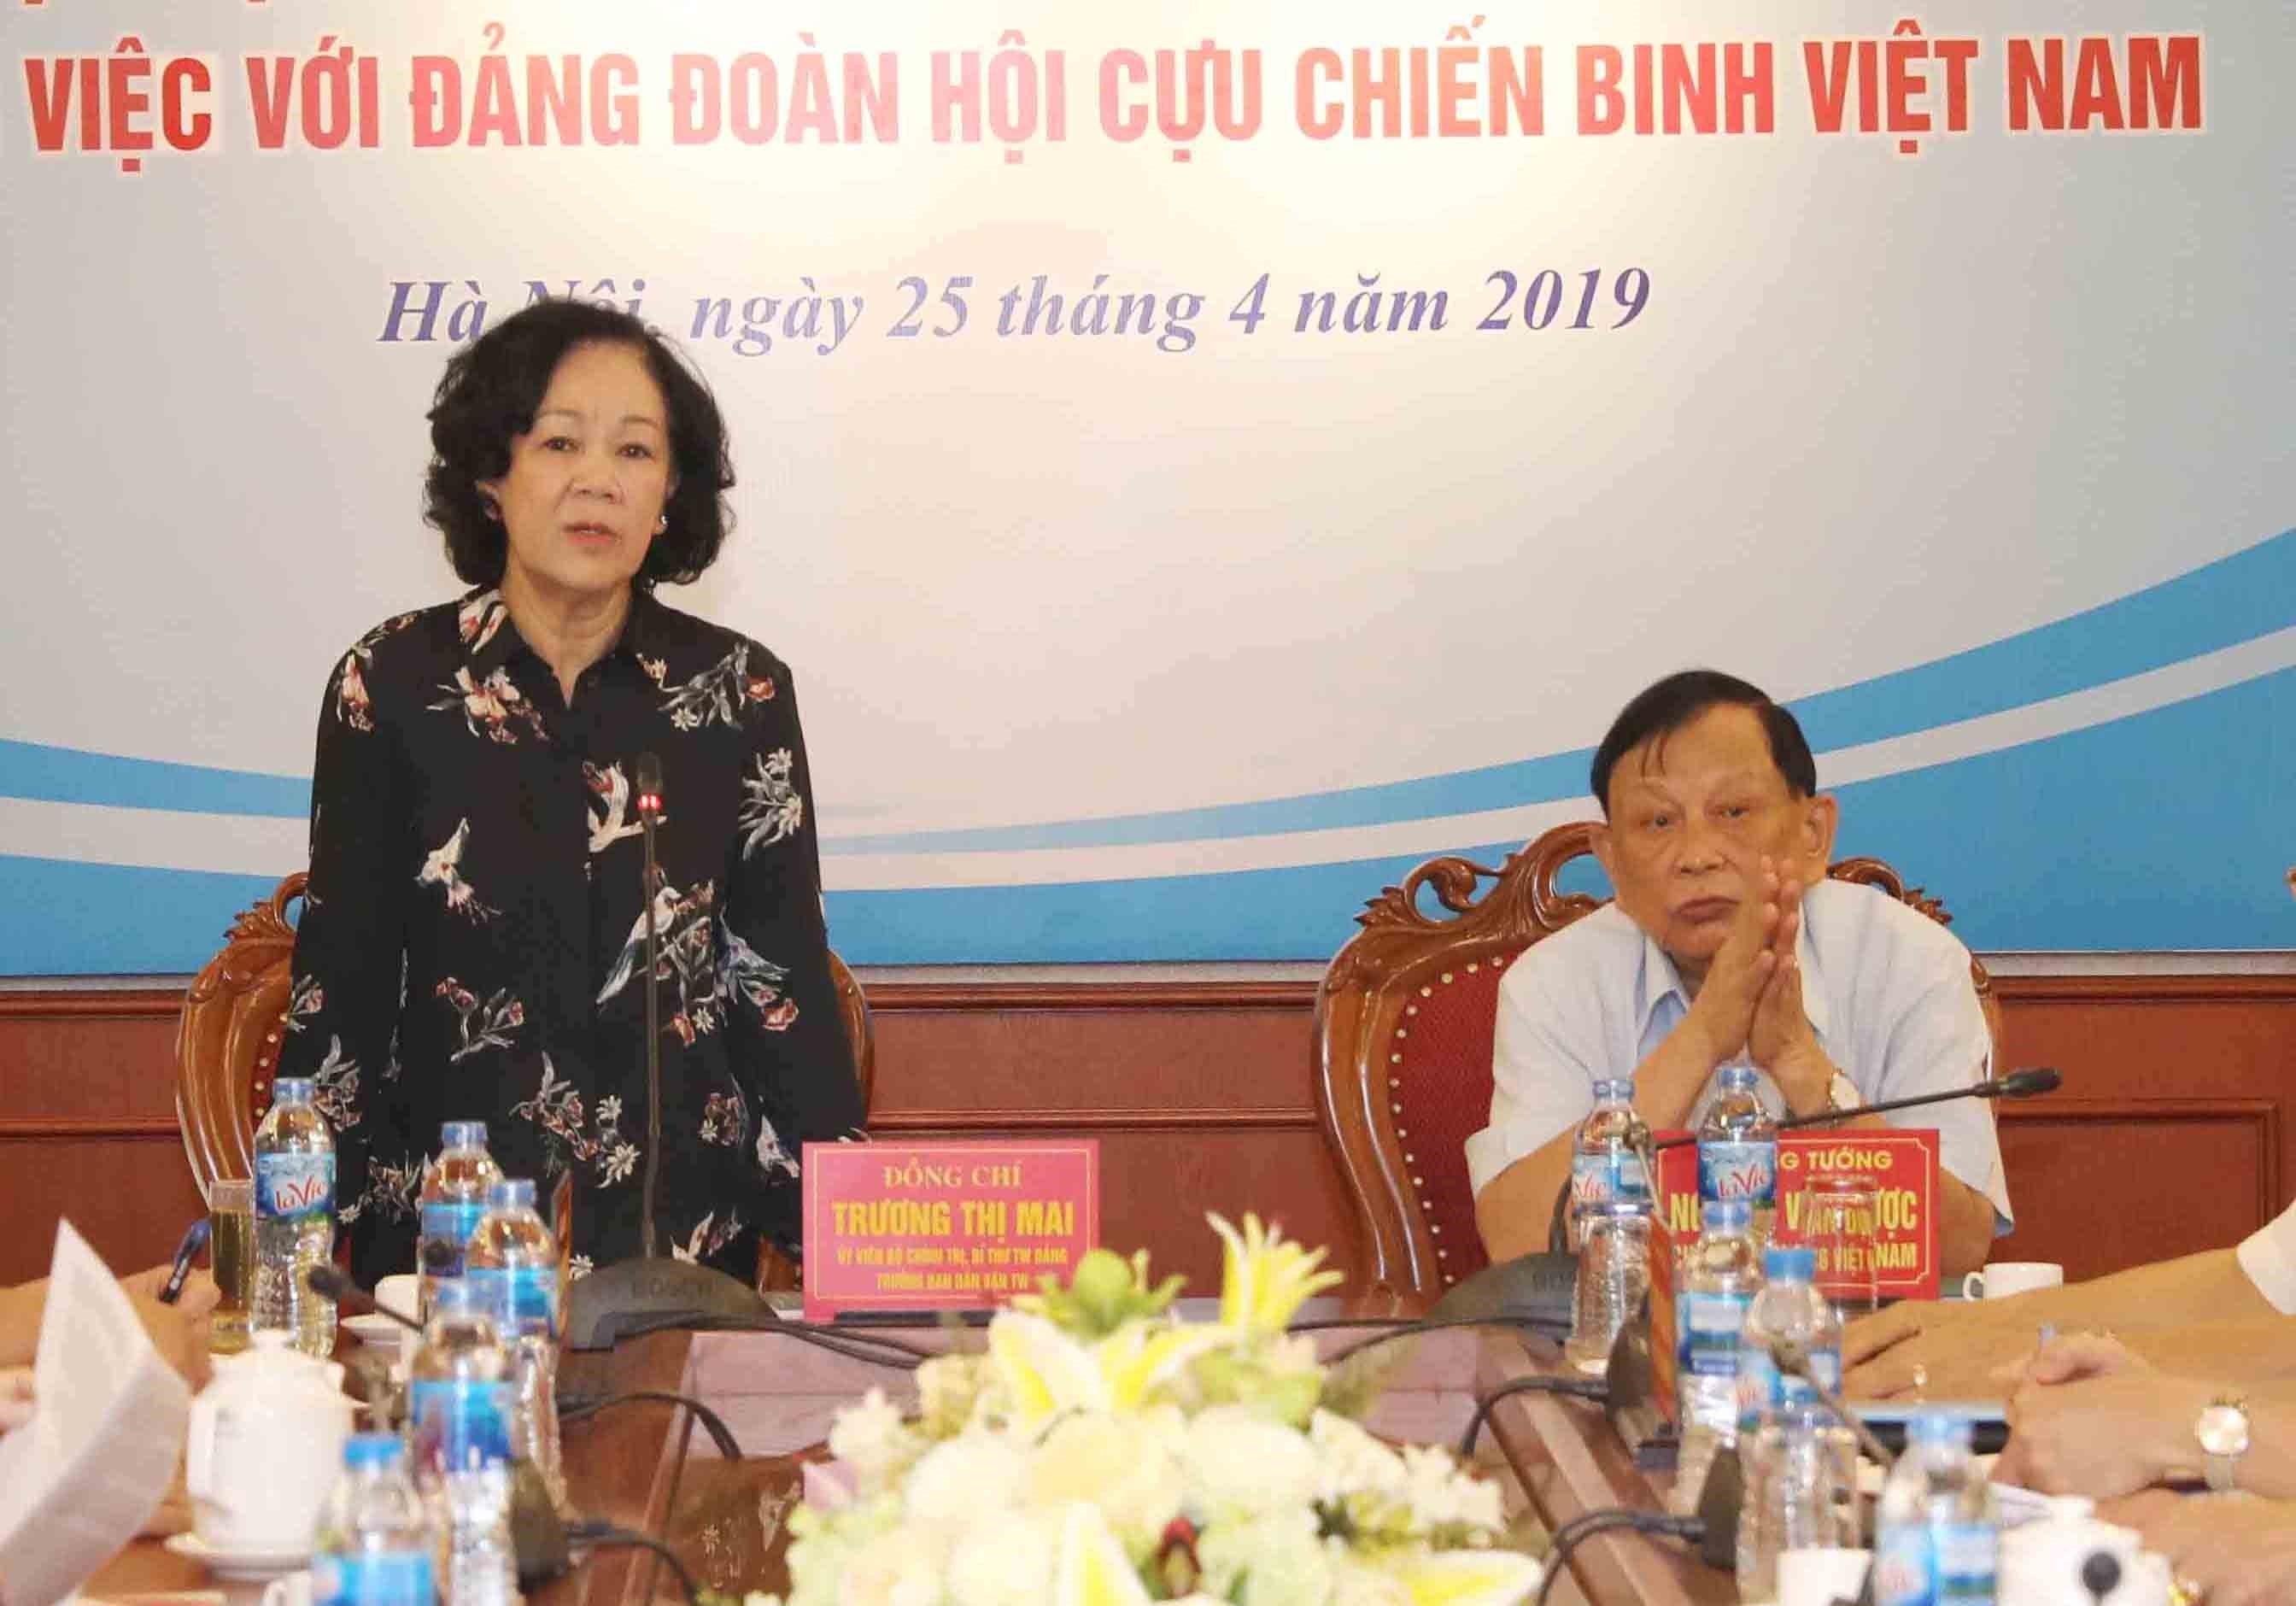 Hội Cựu chiến binh Việt Nam chủ động thực hiện tốt công tác dân vận